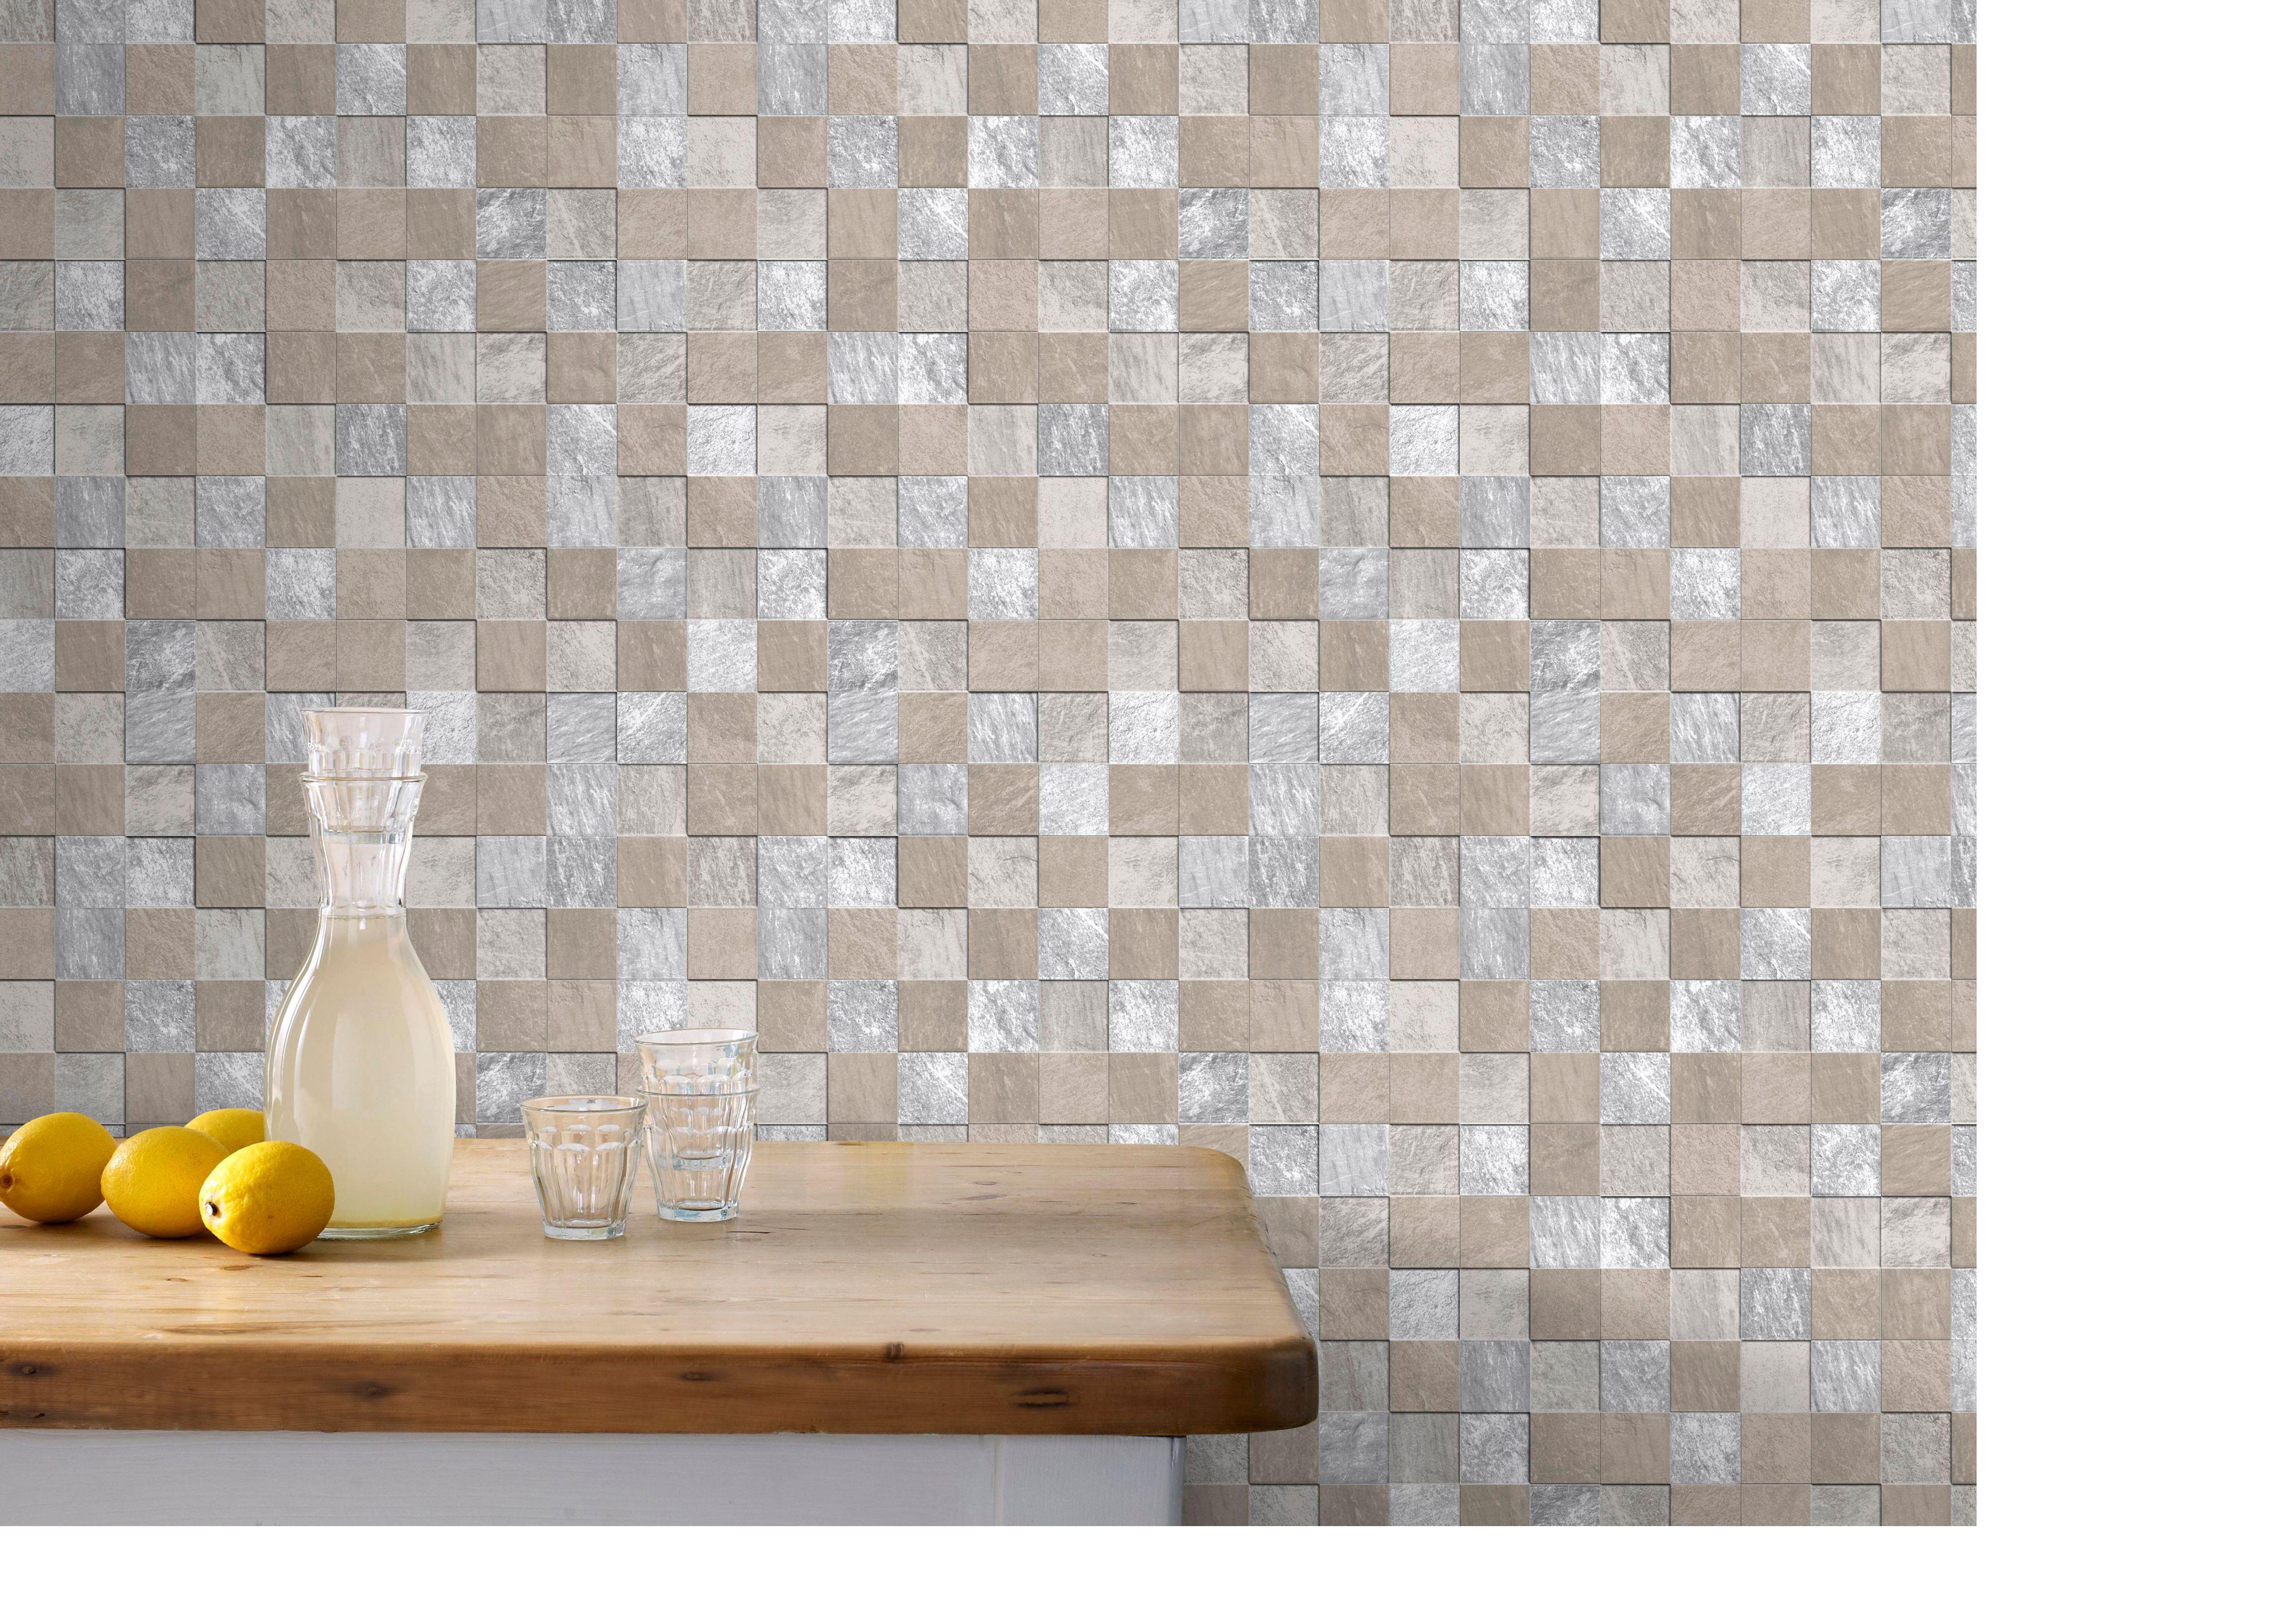 Wallpaper decorating diy at b amp q